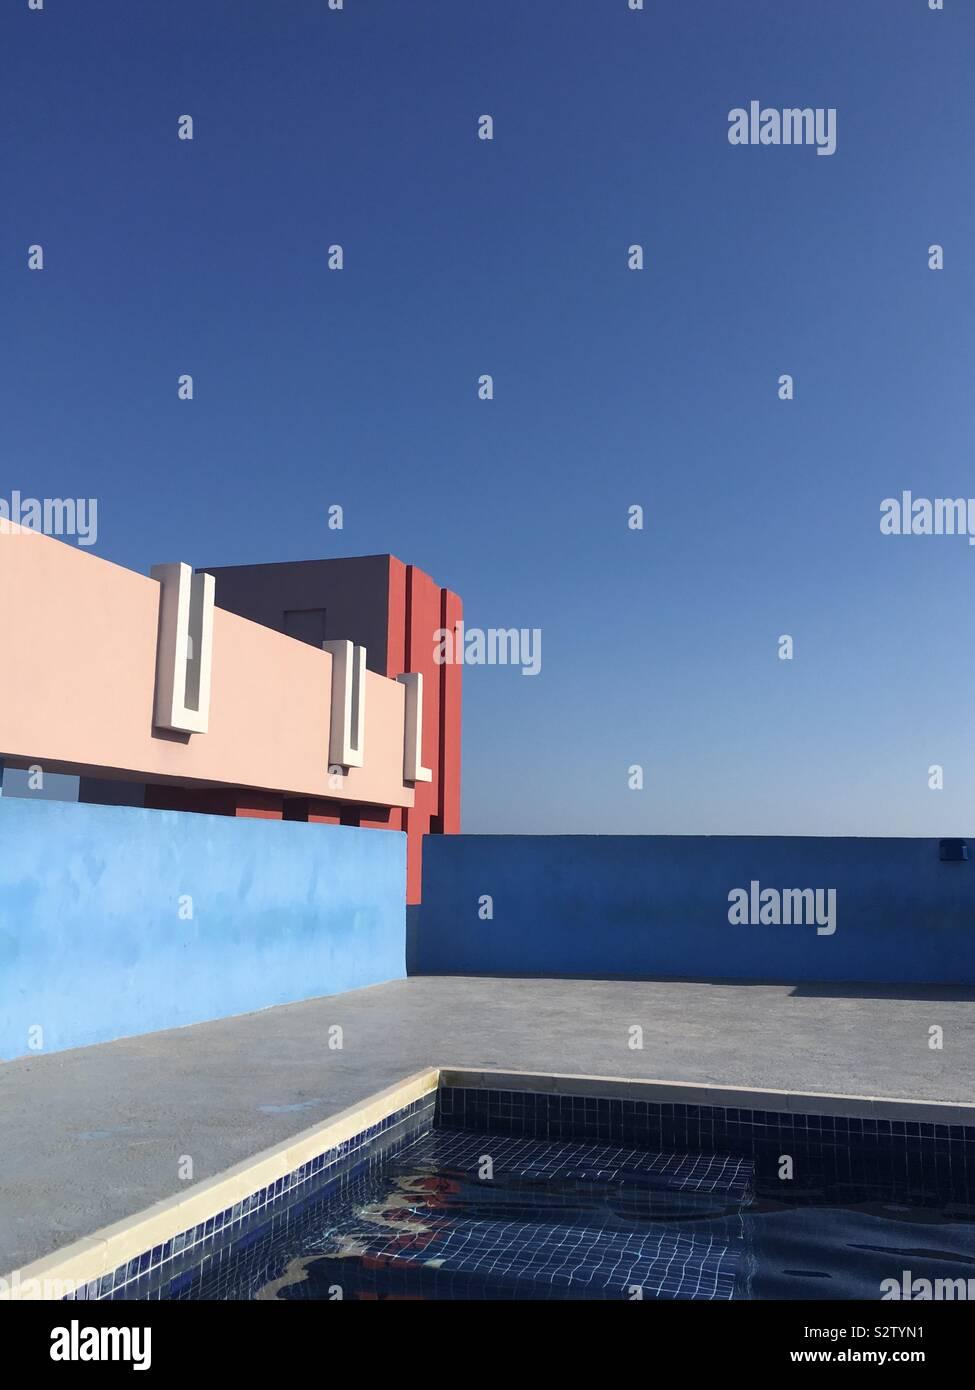 Farbenfrohe Gebäude mit einem Swimmingpool auf dem Dach. Stockfoto